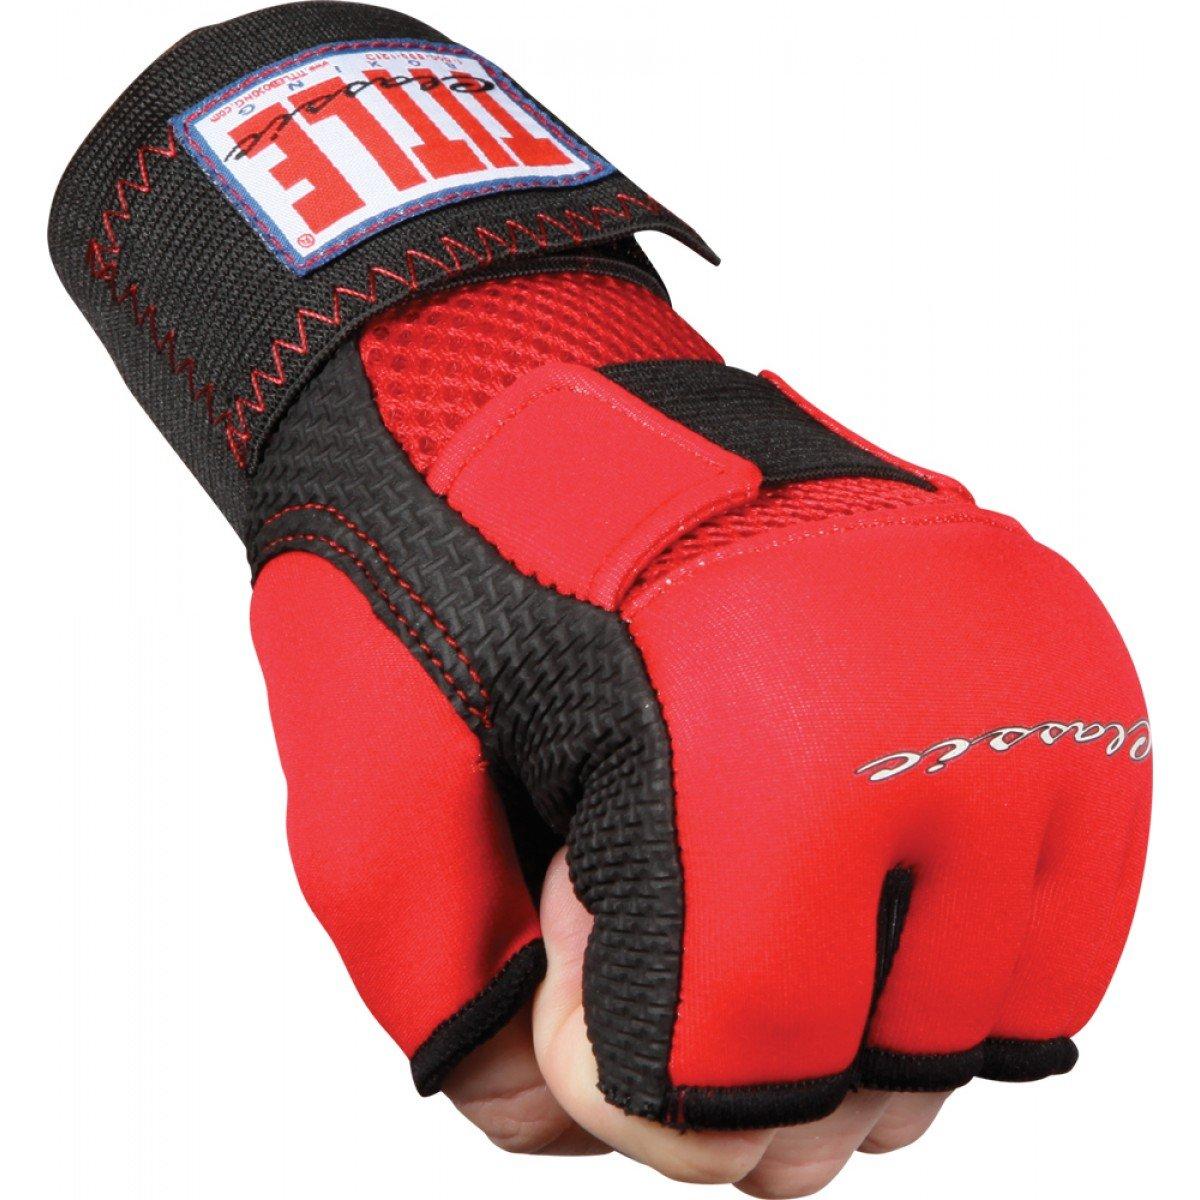 タイトルボクシングタイトルクラシックgel-x手袋ラップ、RD RD/BK BK/ BK Large RD Large/BK B006GV5NJU, ジェムバザール:9198676e --- capela.dominiotemporario.com